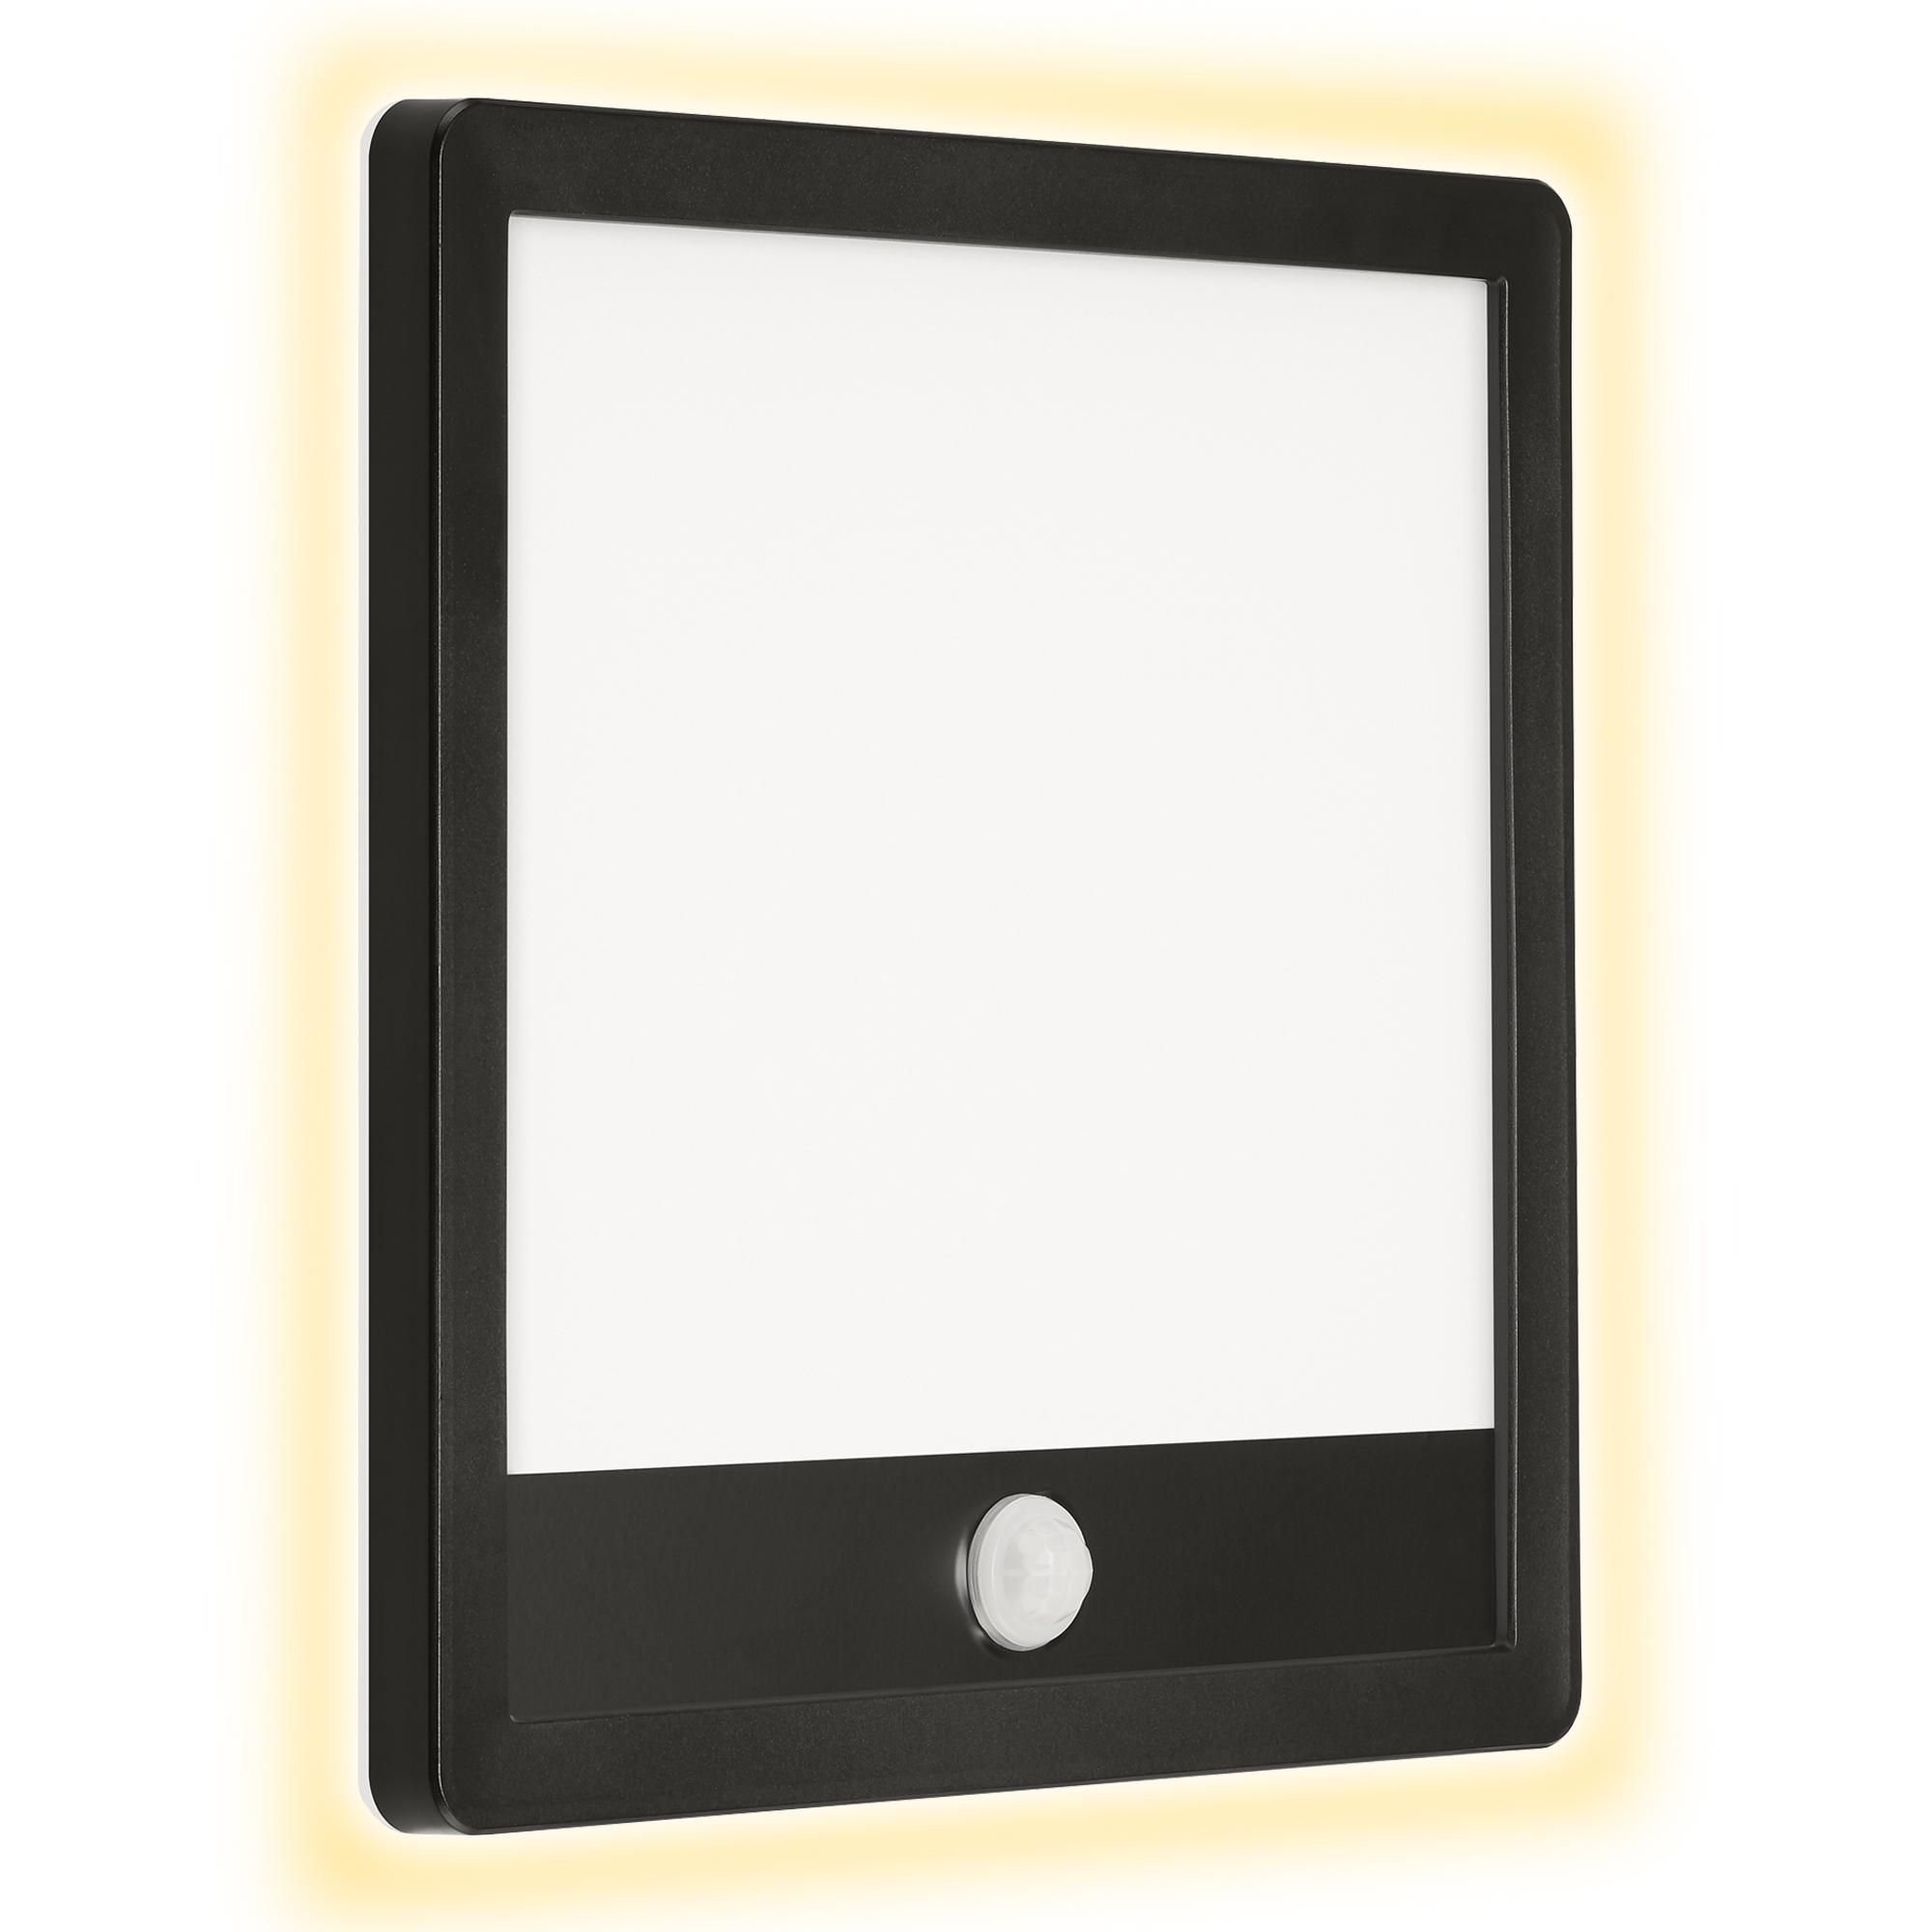 TELEFUNKEN LED Außenwandleuchte, 25 cm, 15 W, Schwarz